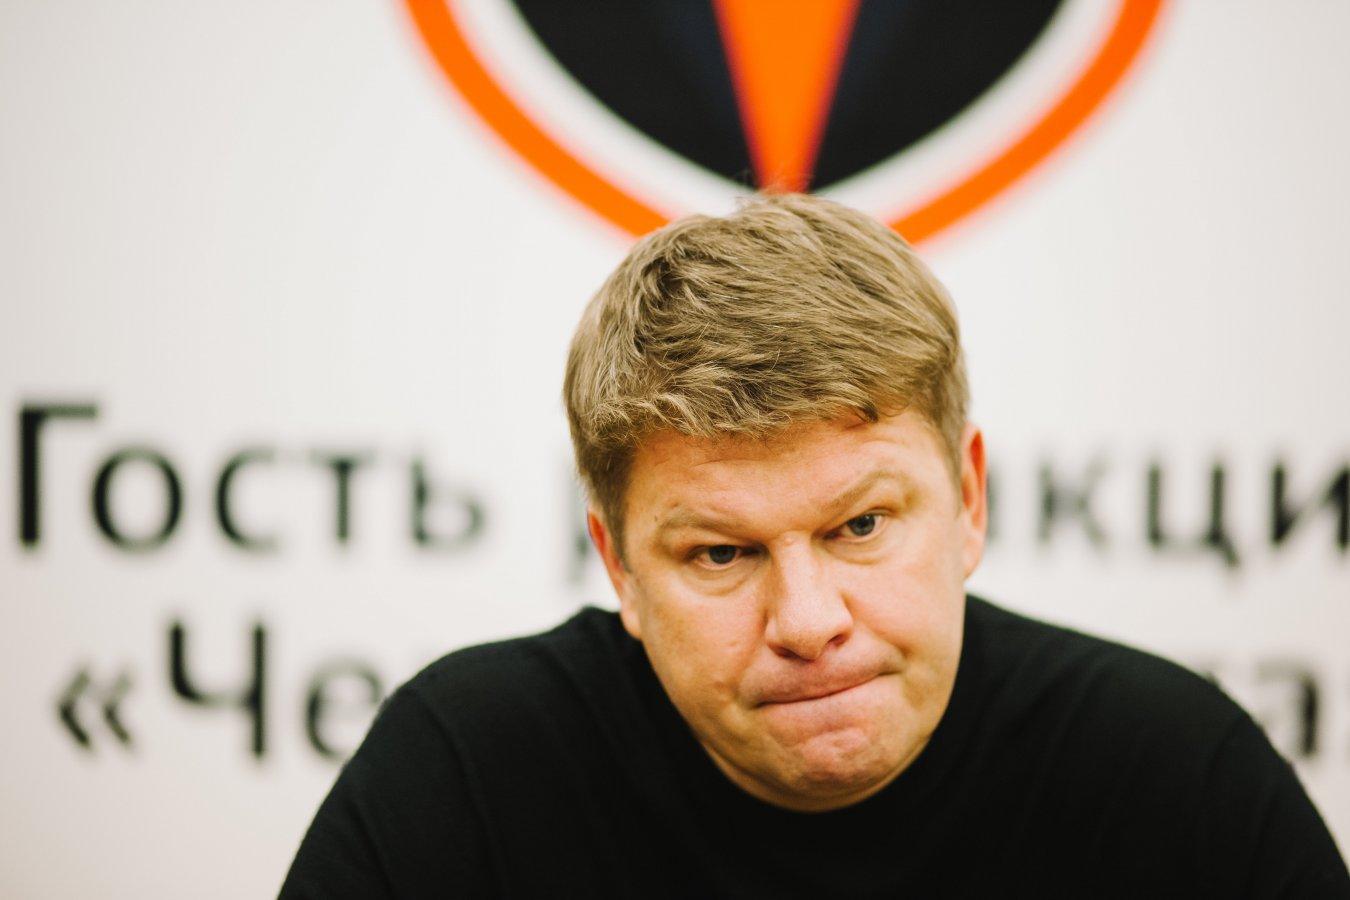 Дмитрий Губерниев отреагировал на инцидент с потерявшей сознание на ОИ российской лучницей